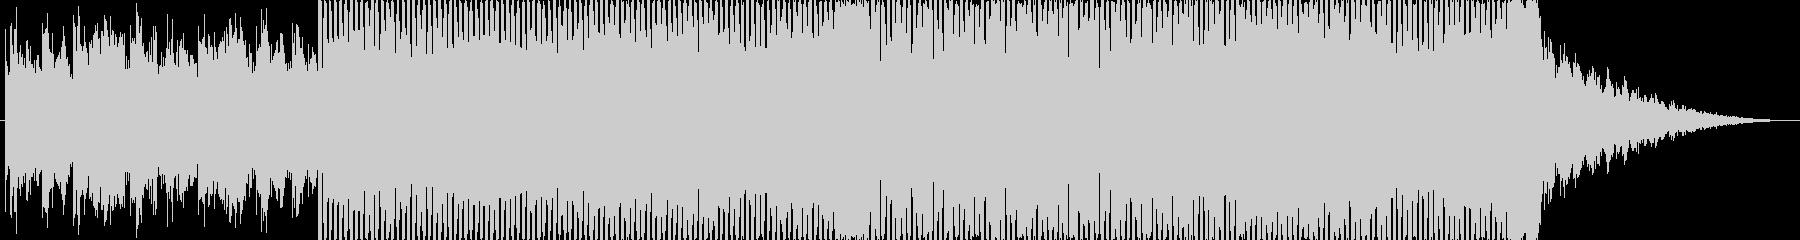 ジムノペディのEDMバージョン!!の未再生の波形